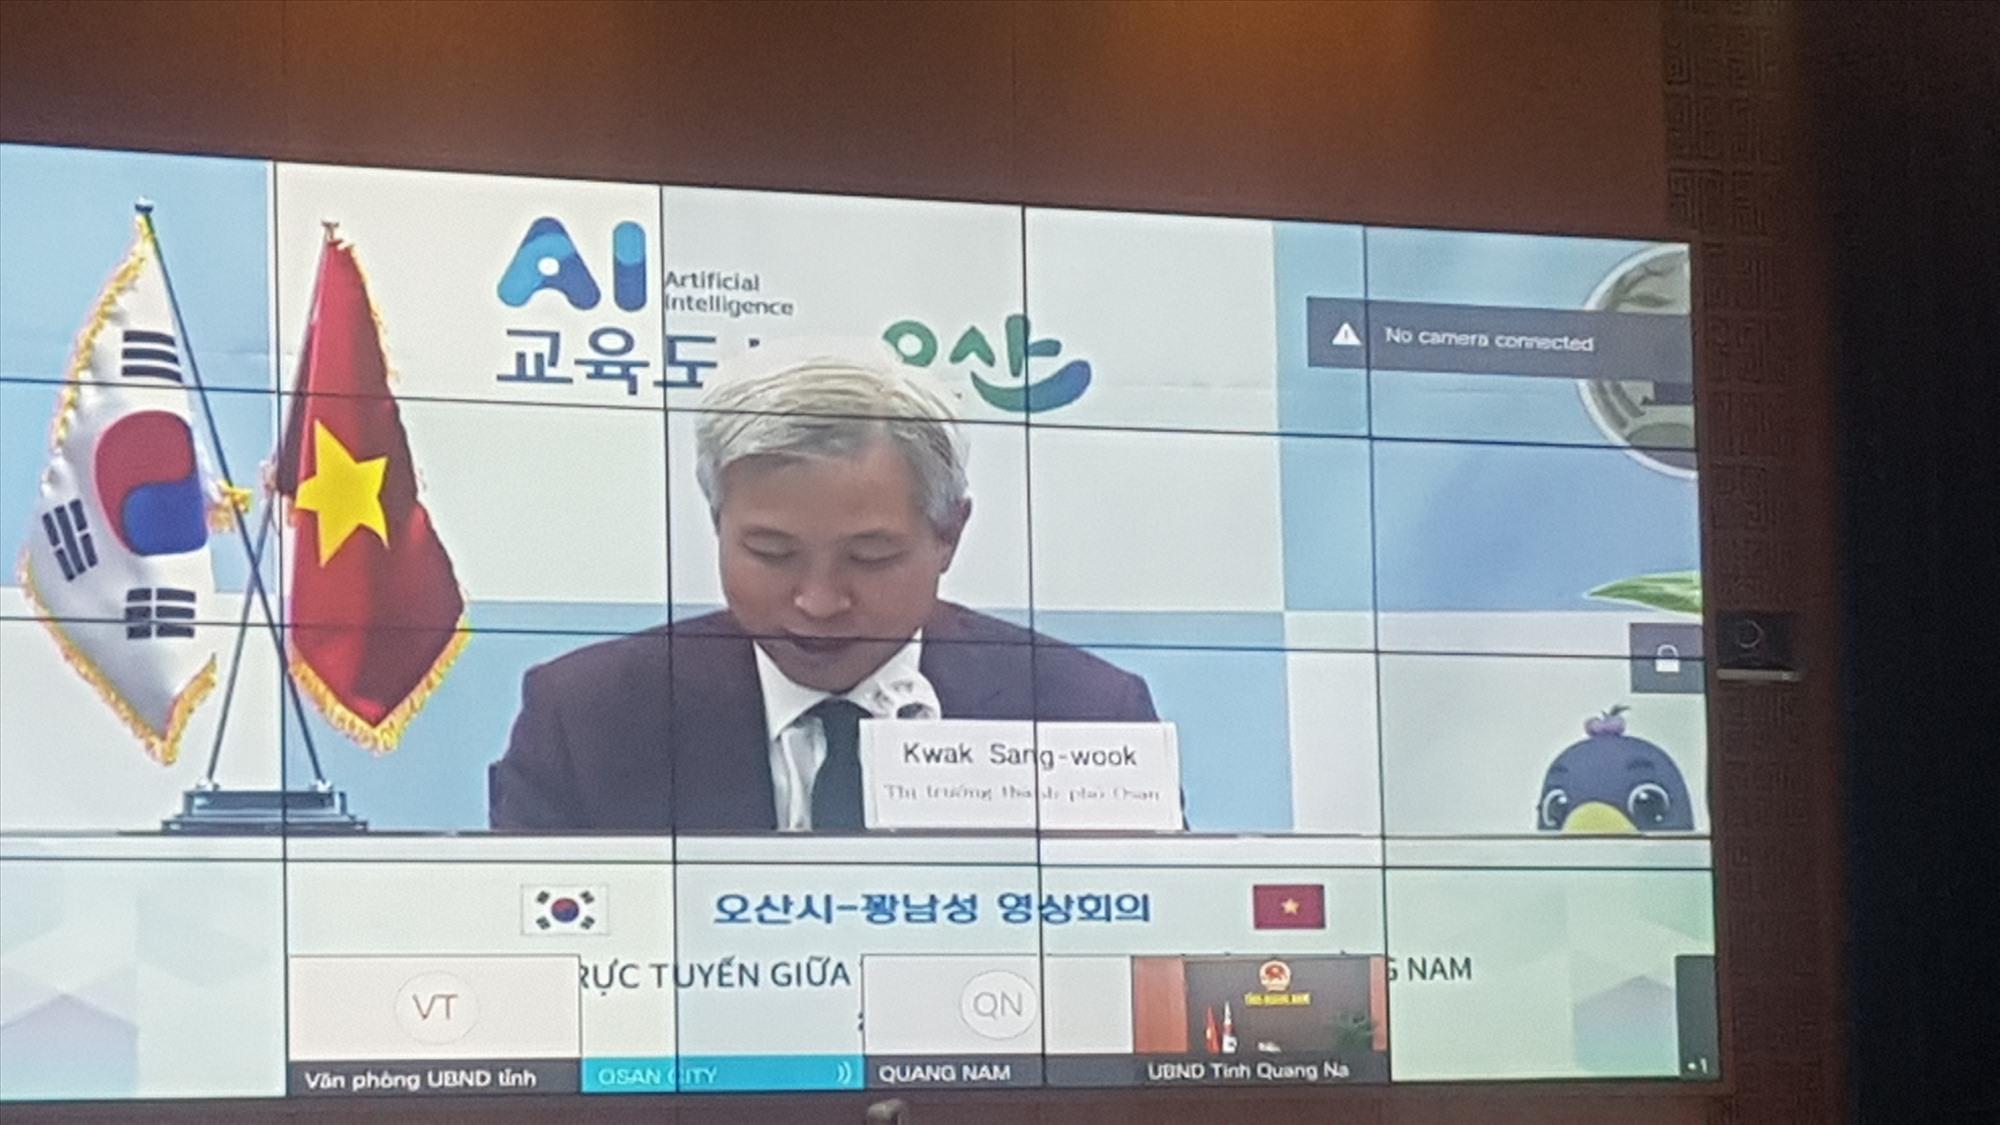 Thị trưởng thành phố Osan Kwak Sang-wook đã mời Chủ tịch UBND tỉnh Lê Trí Thanh cùng đoàn công tác của Quảng Nam đến Osan để bàn bạc các nội dung hợp tác sâu hơn. Ảnh: D.L